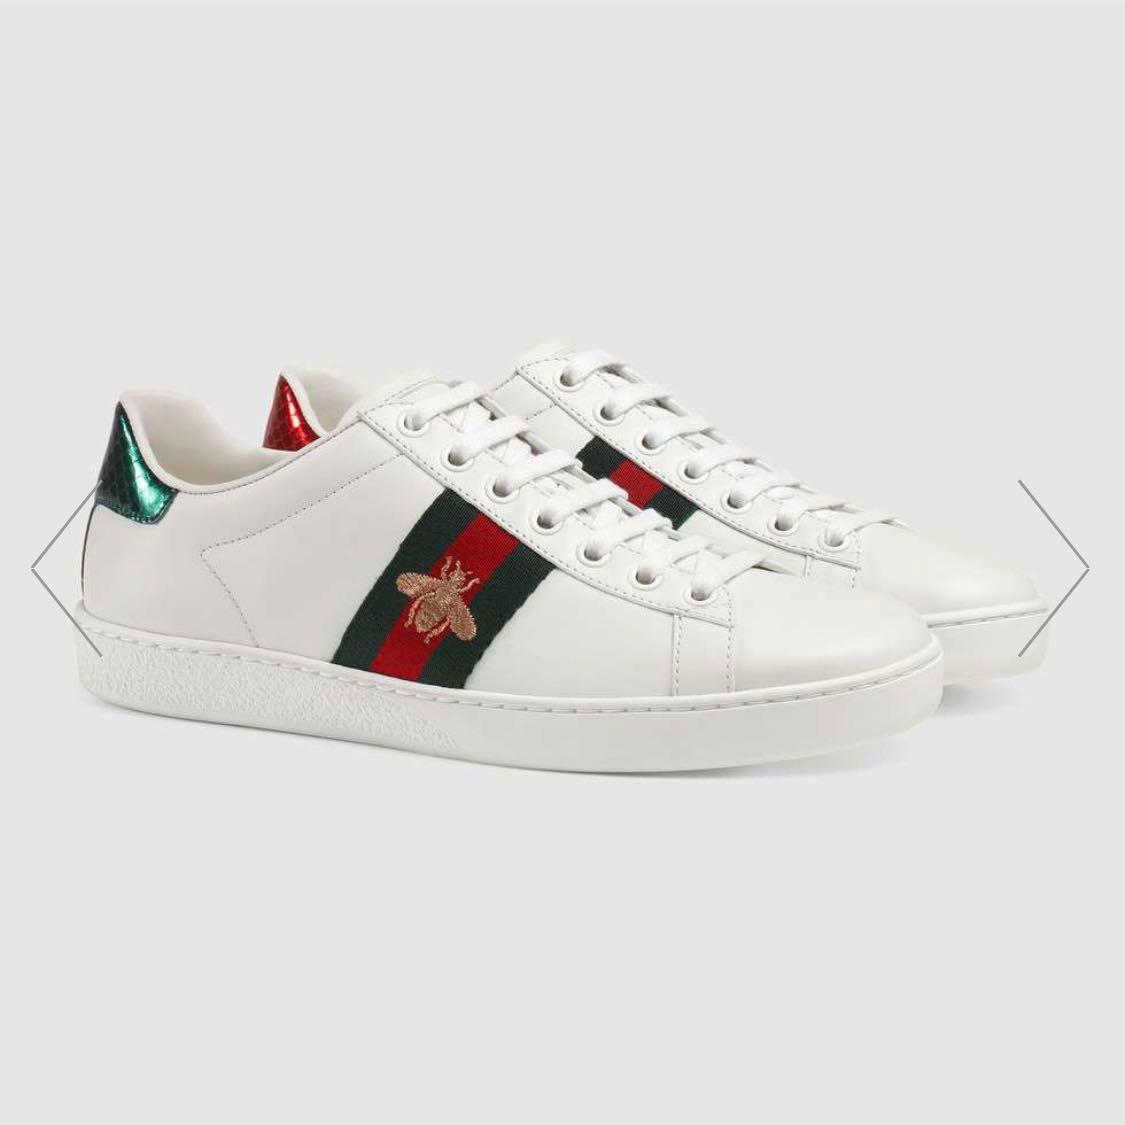 21e8ed66b7e Gucci Ace Embroidered Sneakers (EU 36.5)